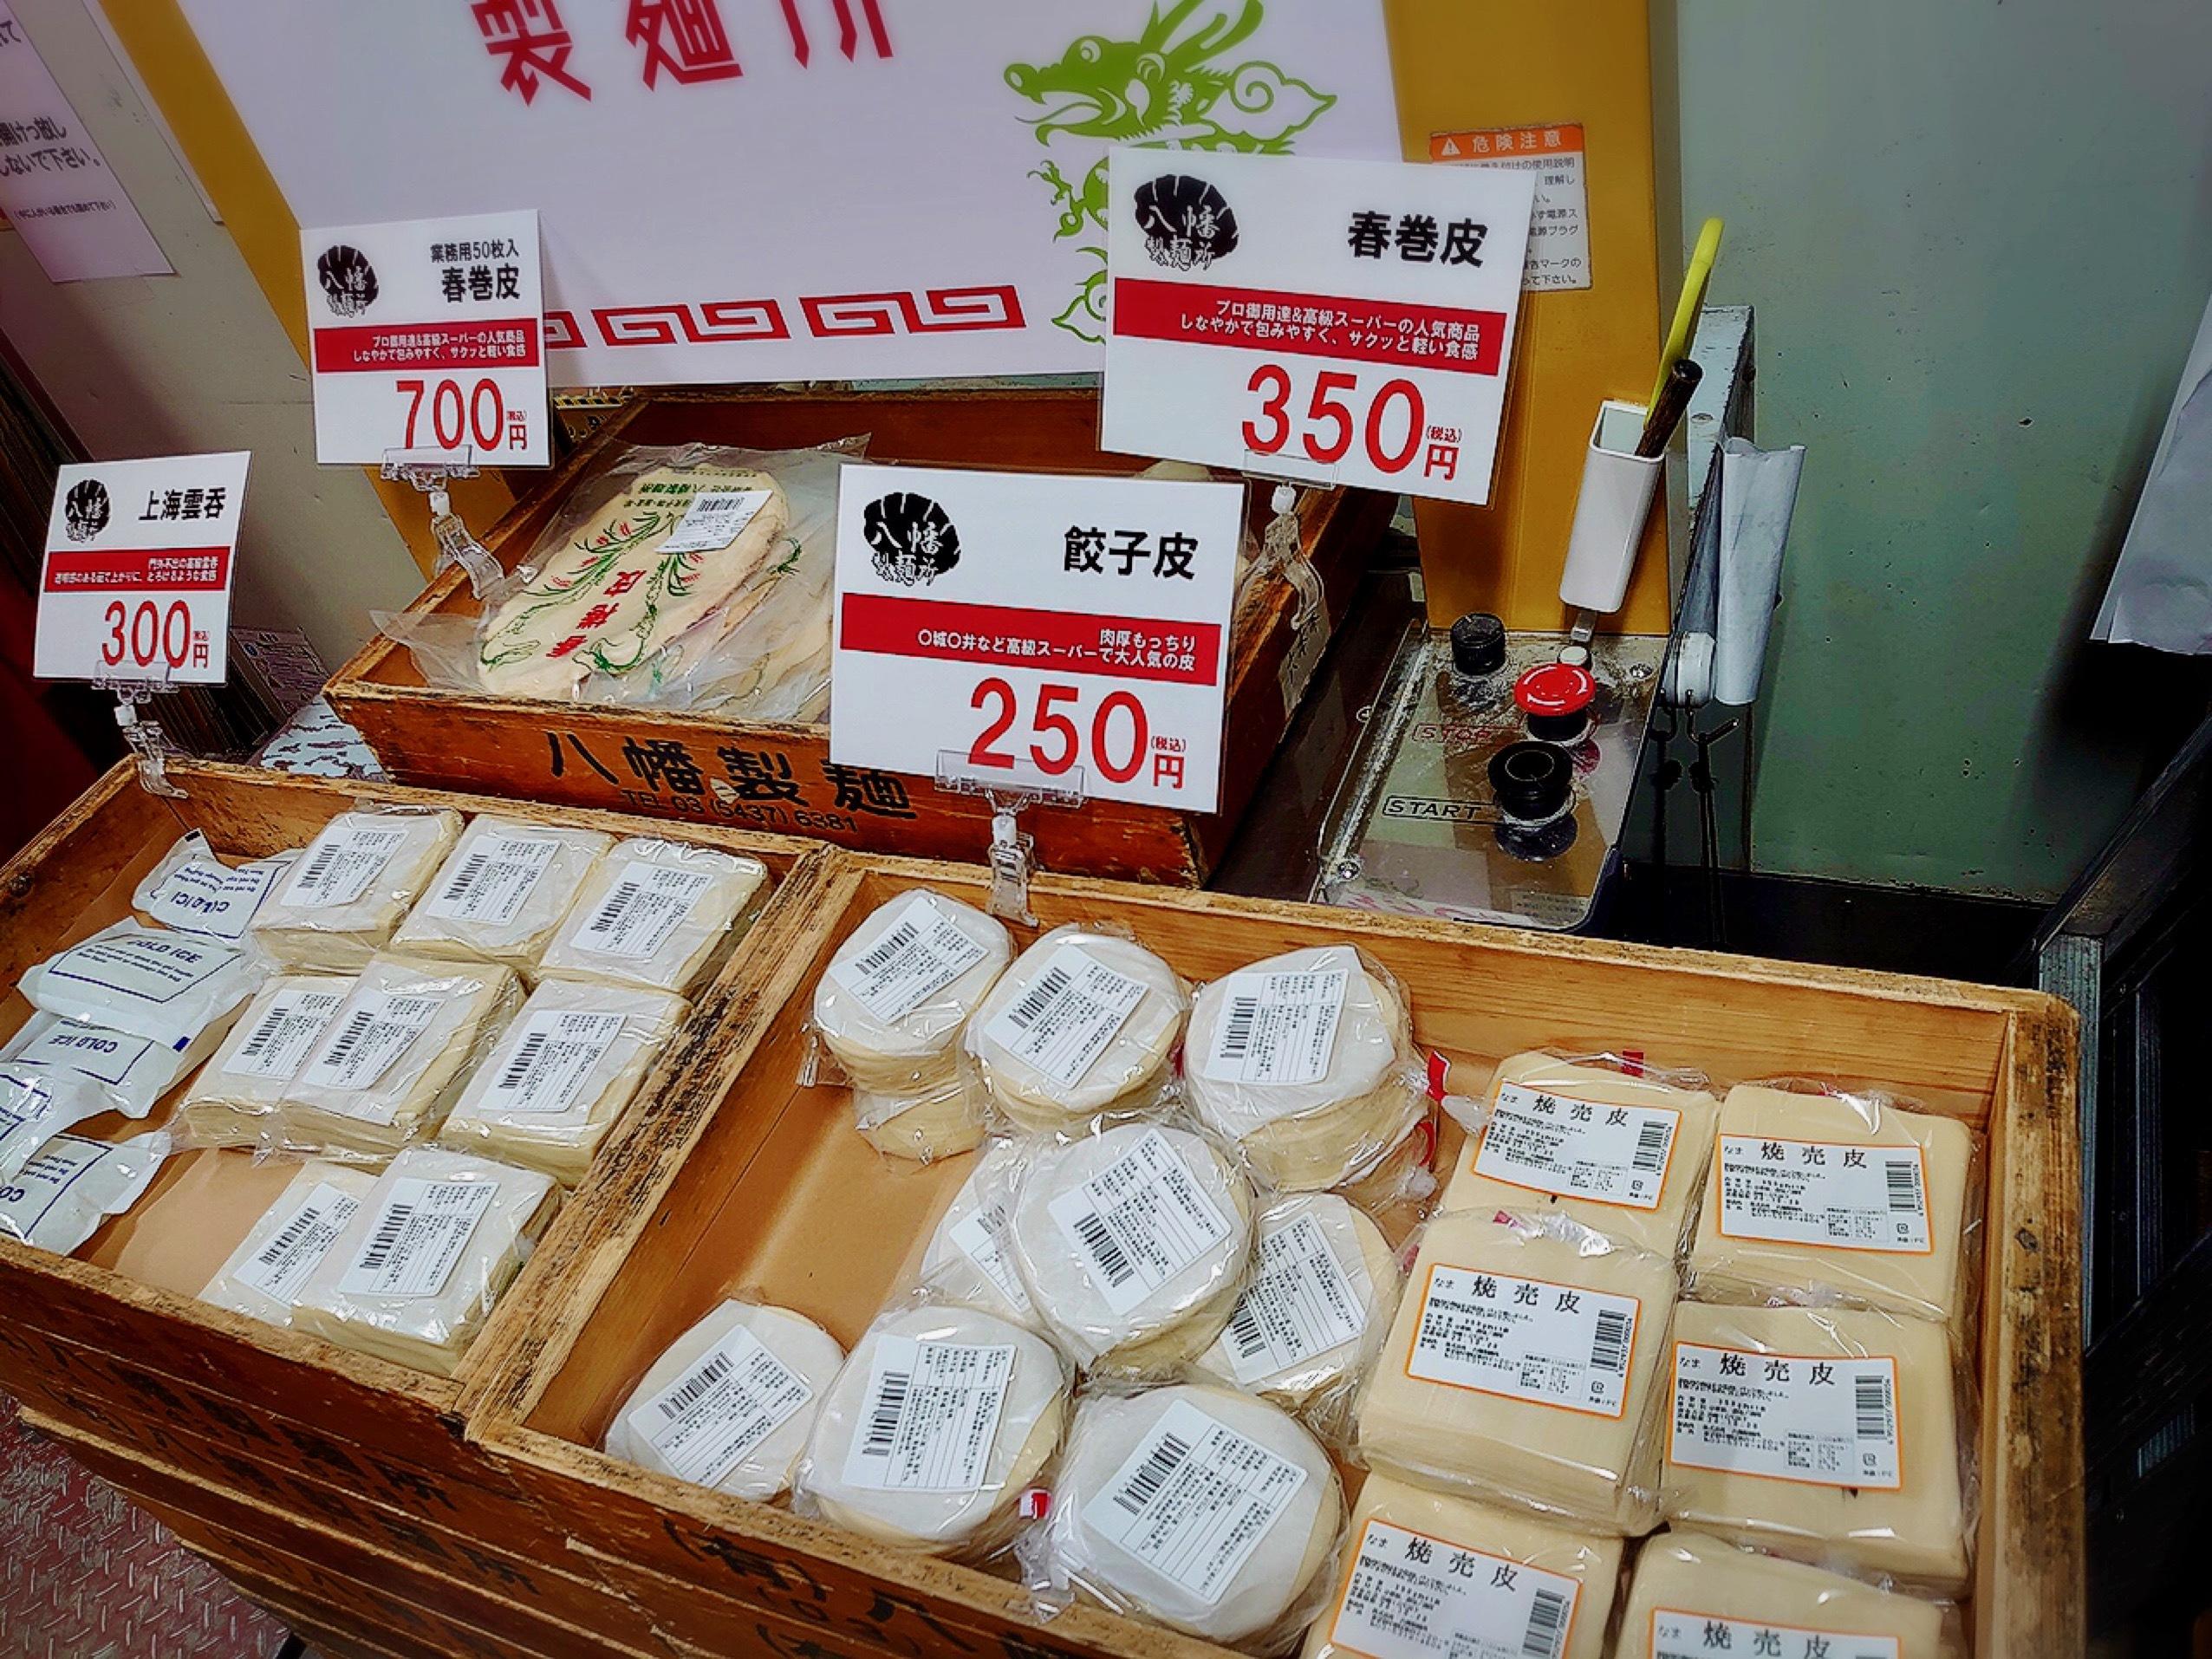 八幡製麺所の皮コーナー